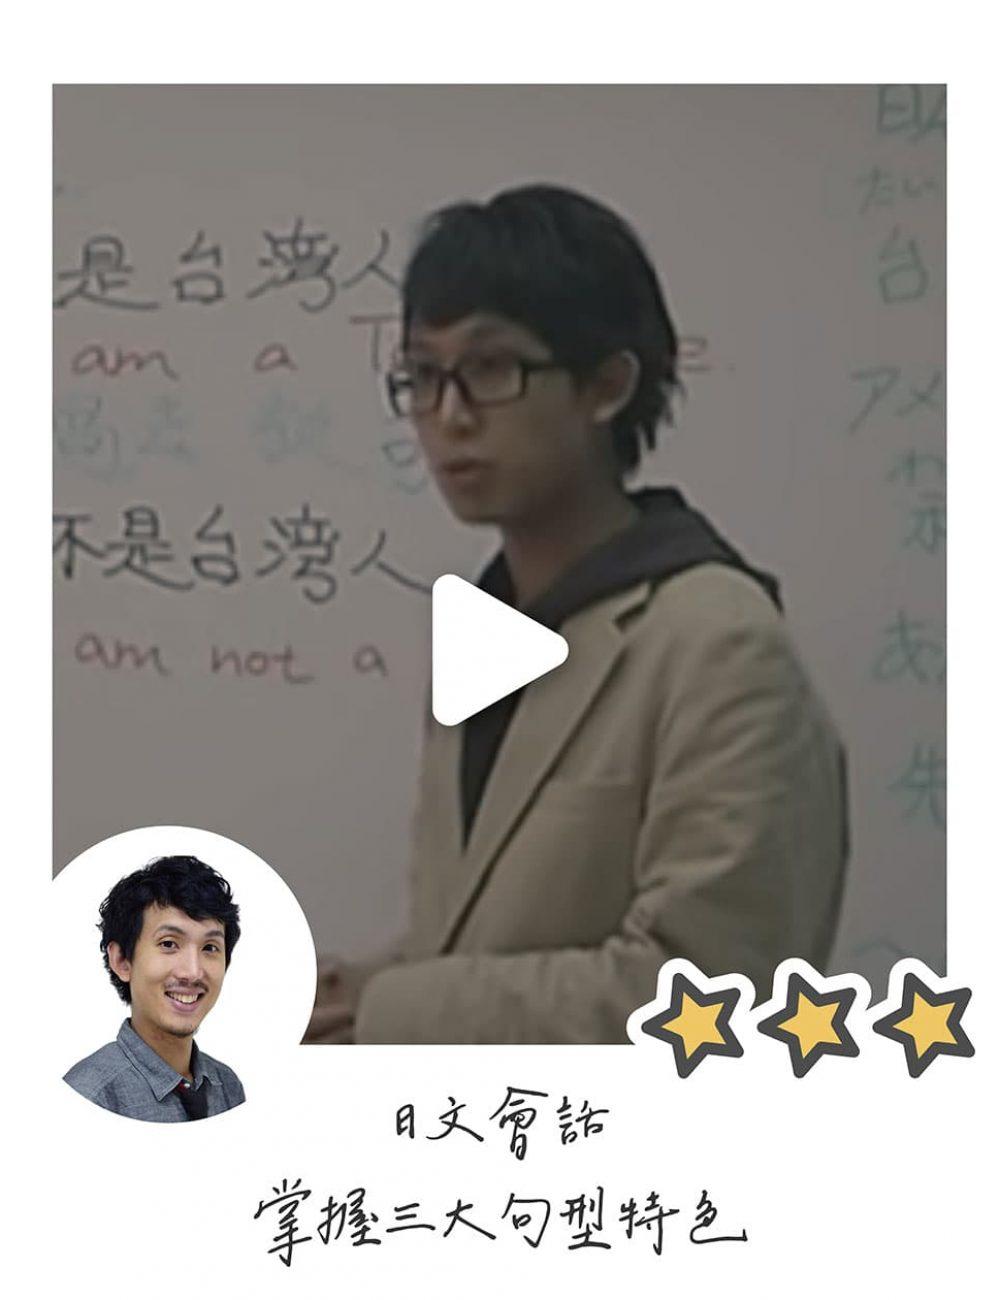 日文會話教學影片